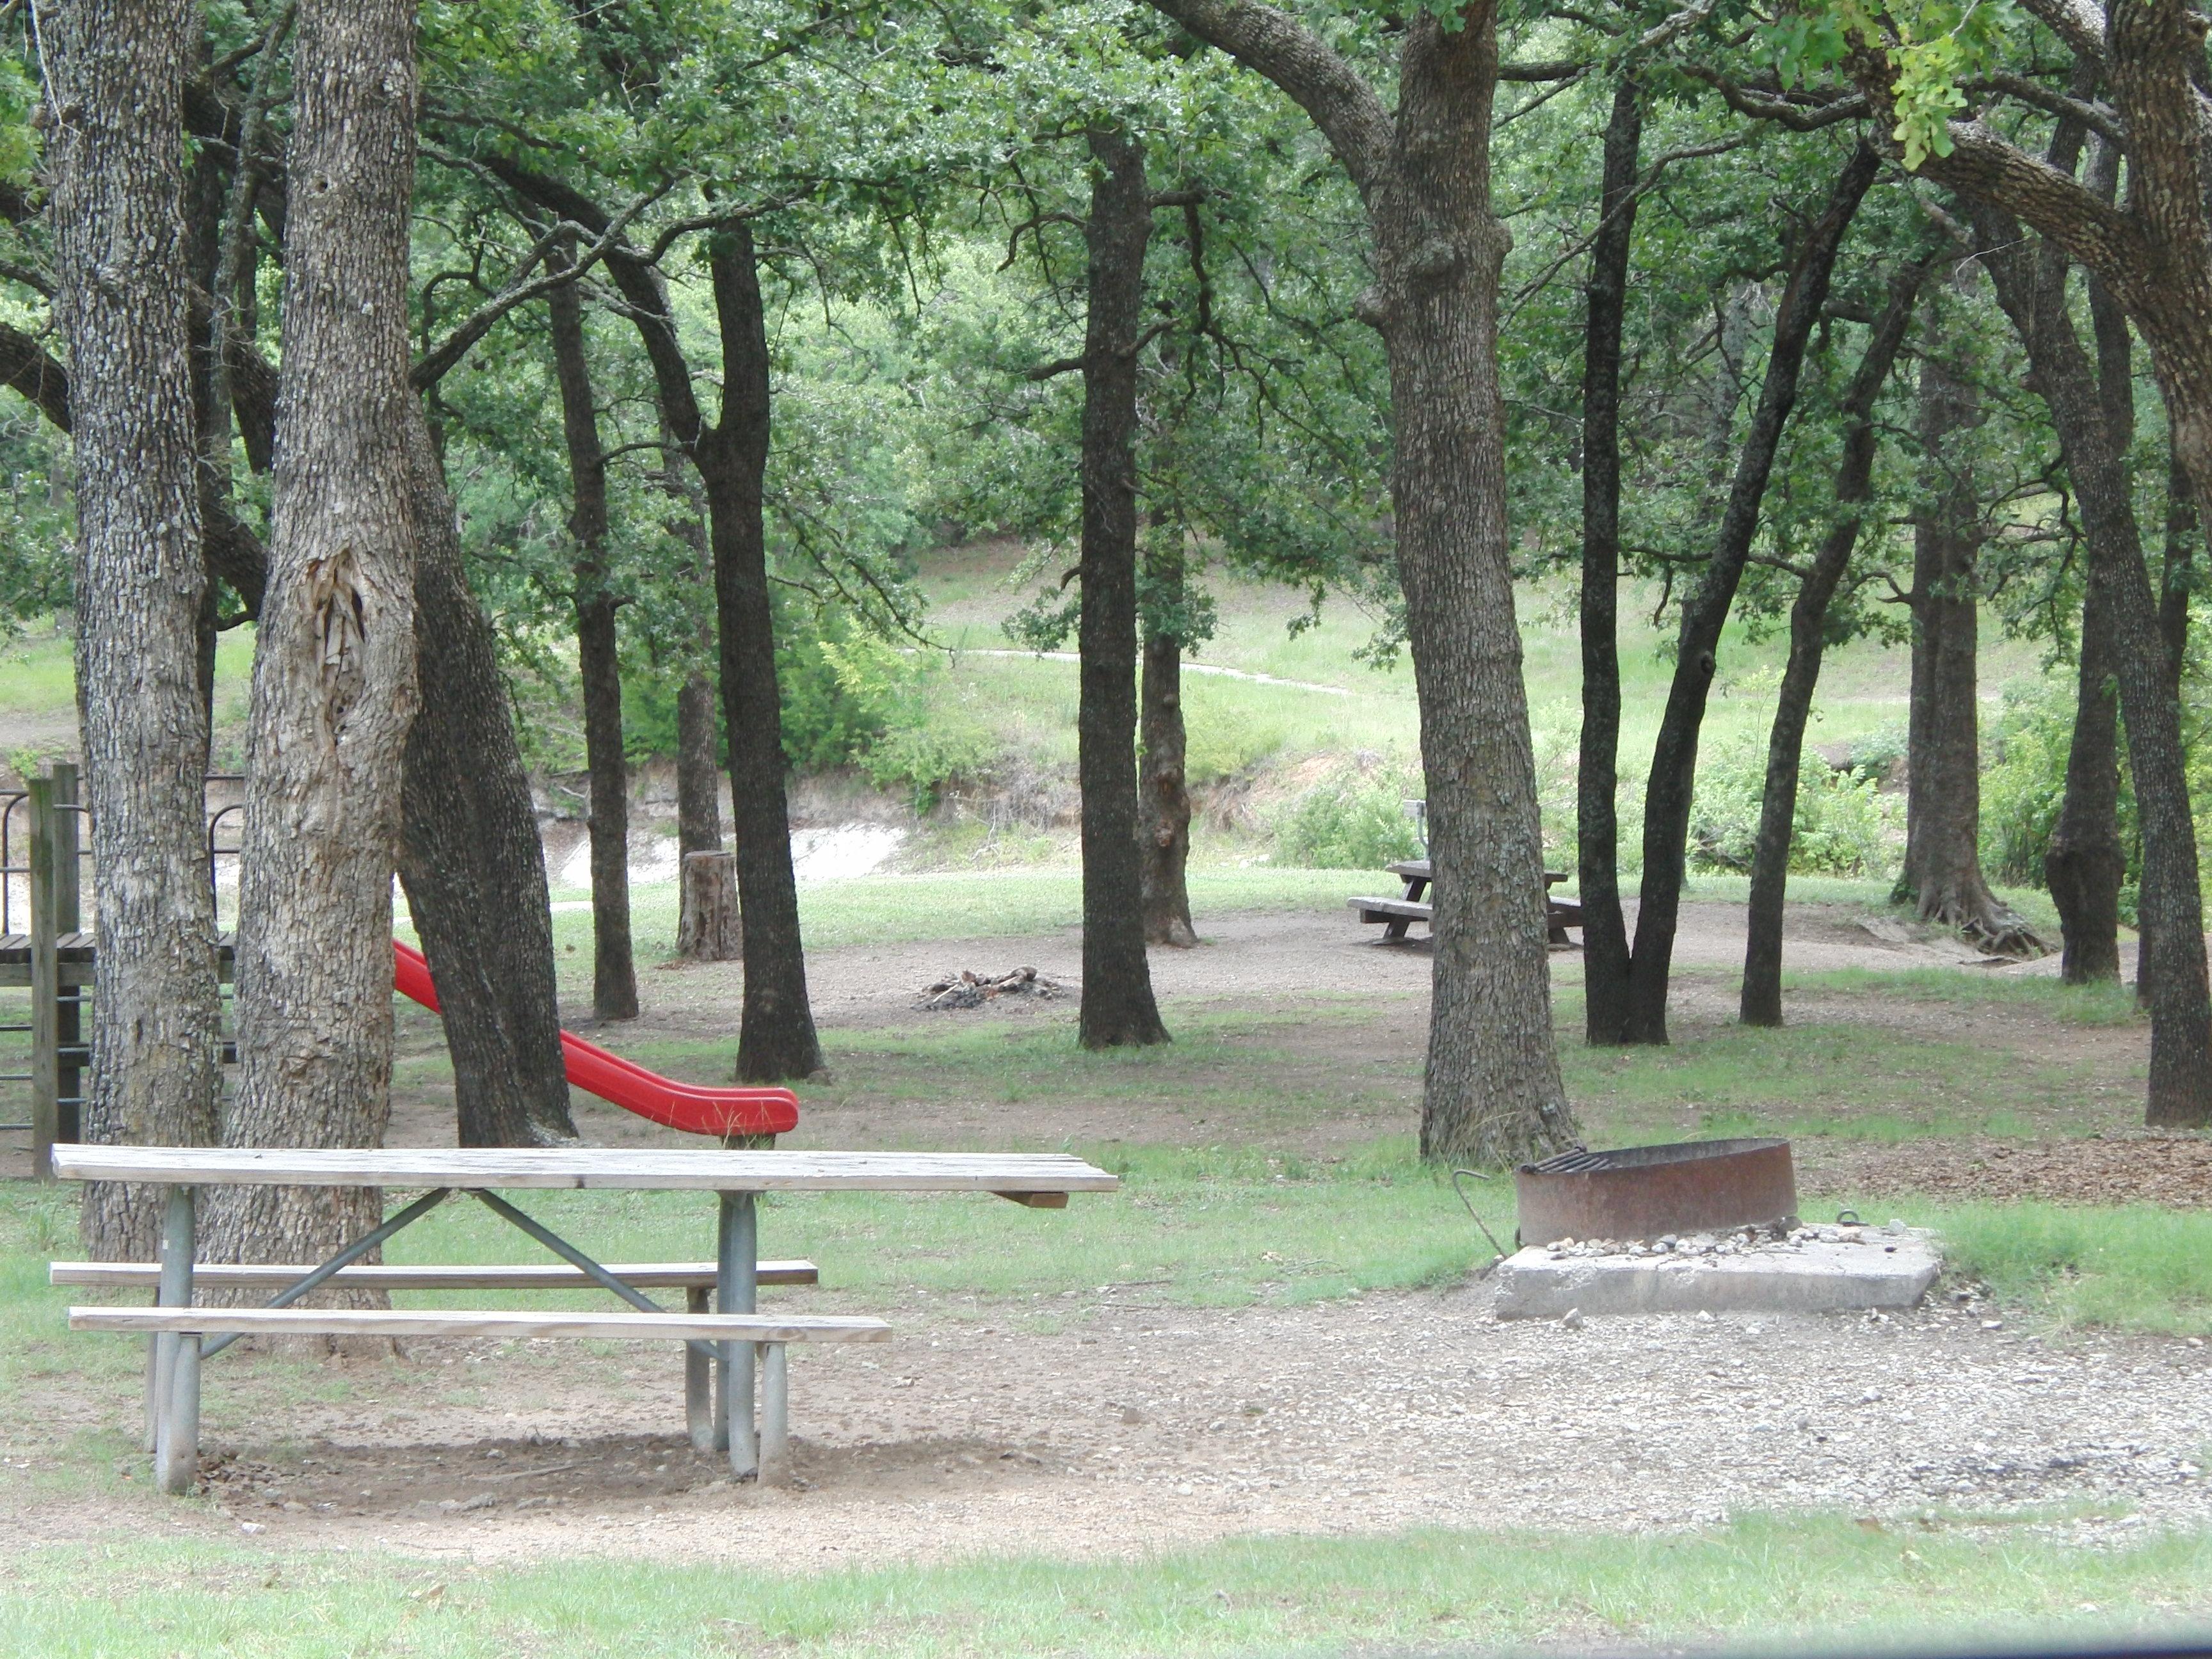 Black Creek Lake, LBJ National Grasslands, Decatur